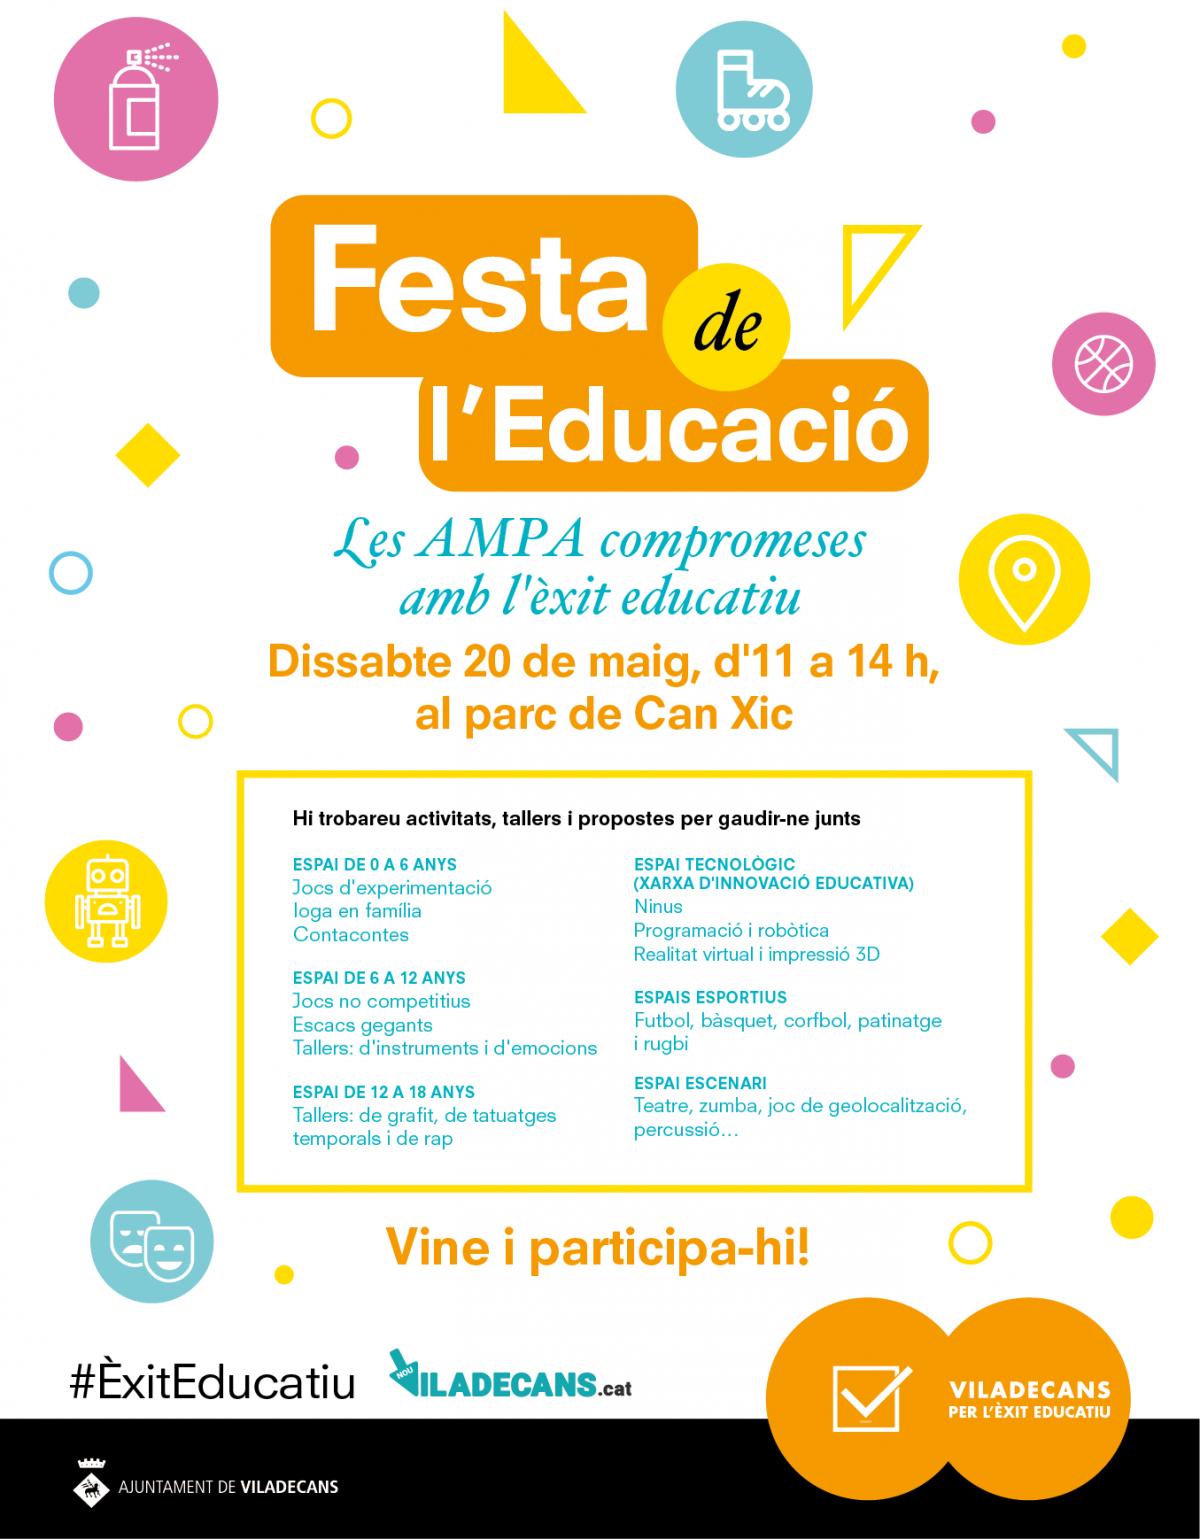 Festa de l'educació: Dissabte 20 de maig